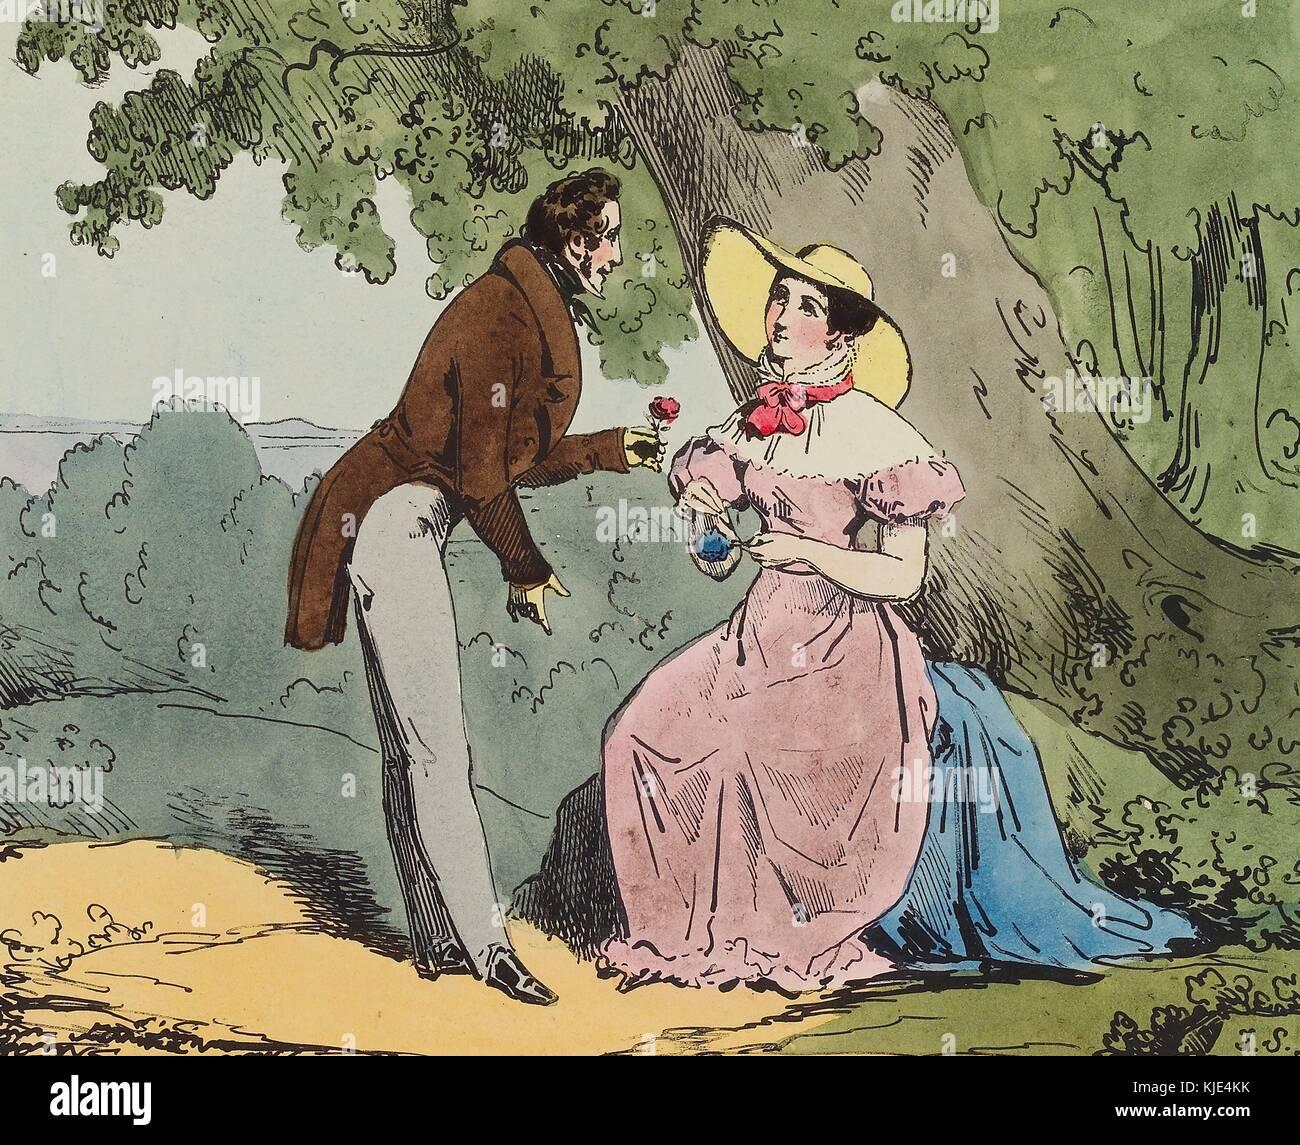 Eine Lithographie berechtigt, Einfachheit, ein Mann, eine Frau mit einer Rose, bat sie ihn, ihr seine Liebe zu gestehen, Stockbild